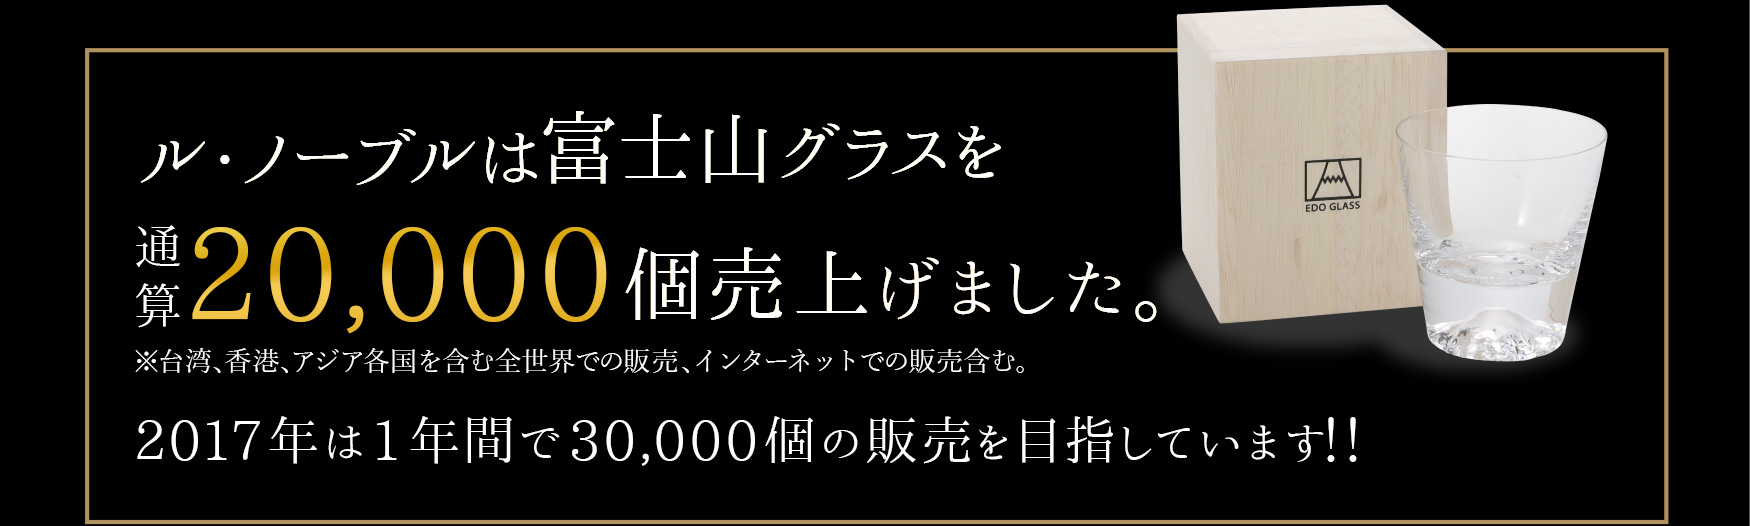 ノーブルは富士山グラスを  16,000個売上げました。※台湾、香港、アジア各国を含む全世界での販売、インターネットでの販売含む。2017年は1年間で30,000個の販売を目指しています!!